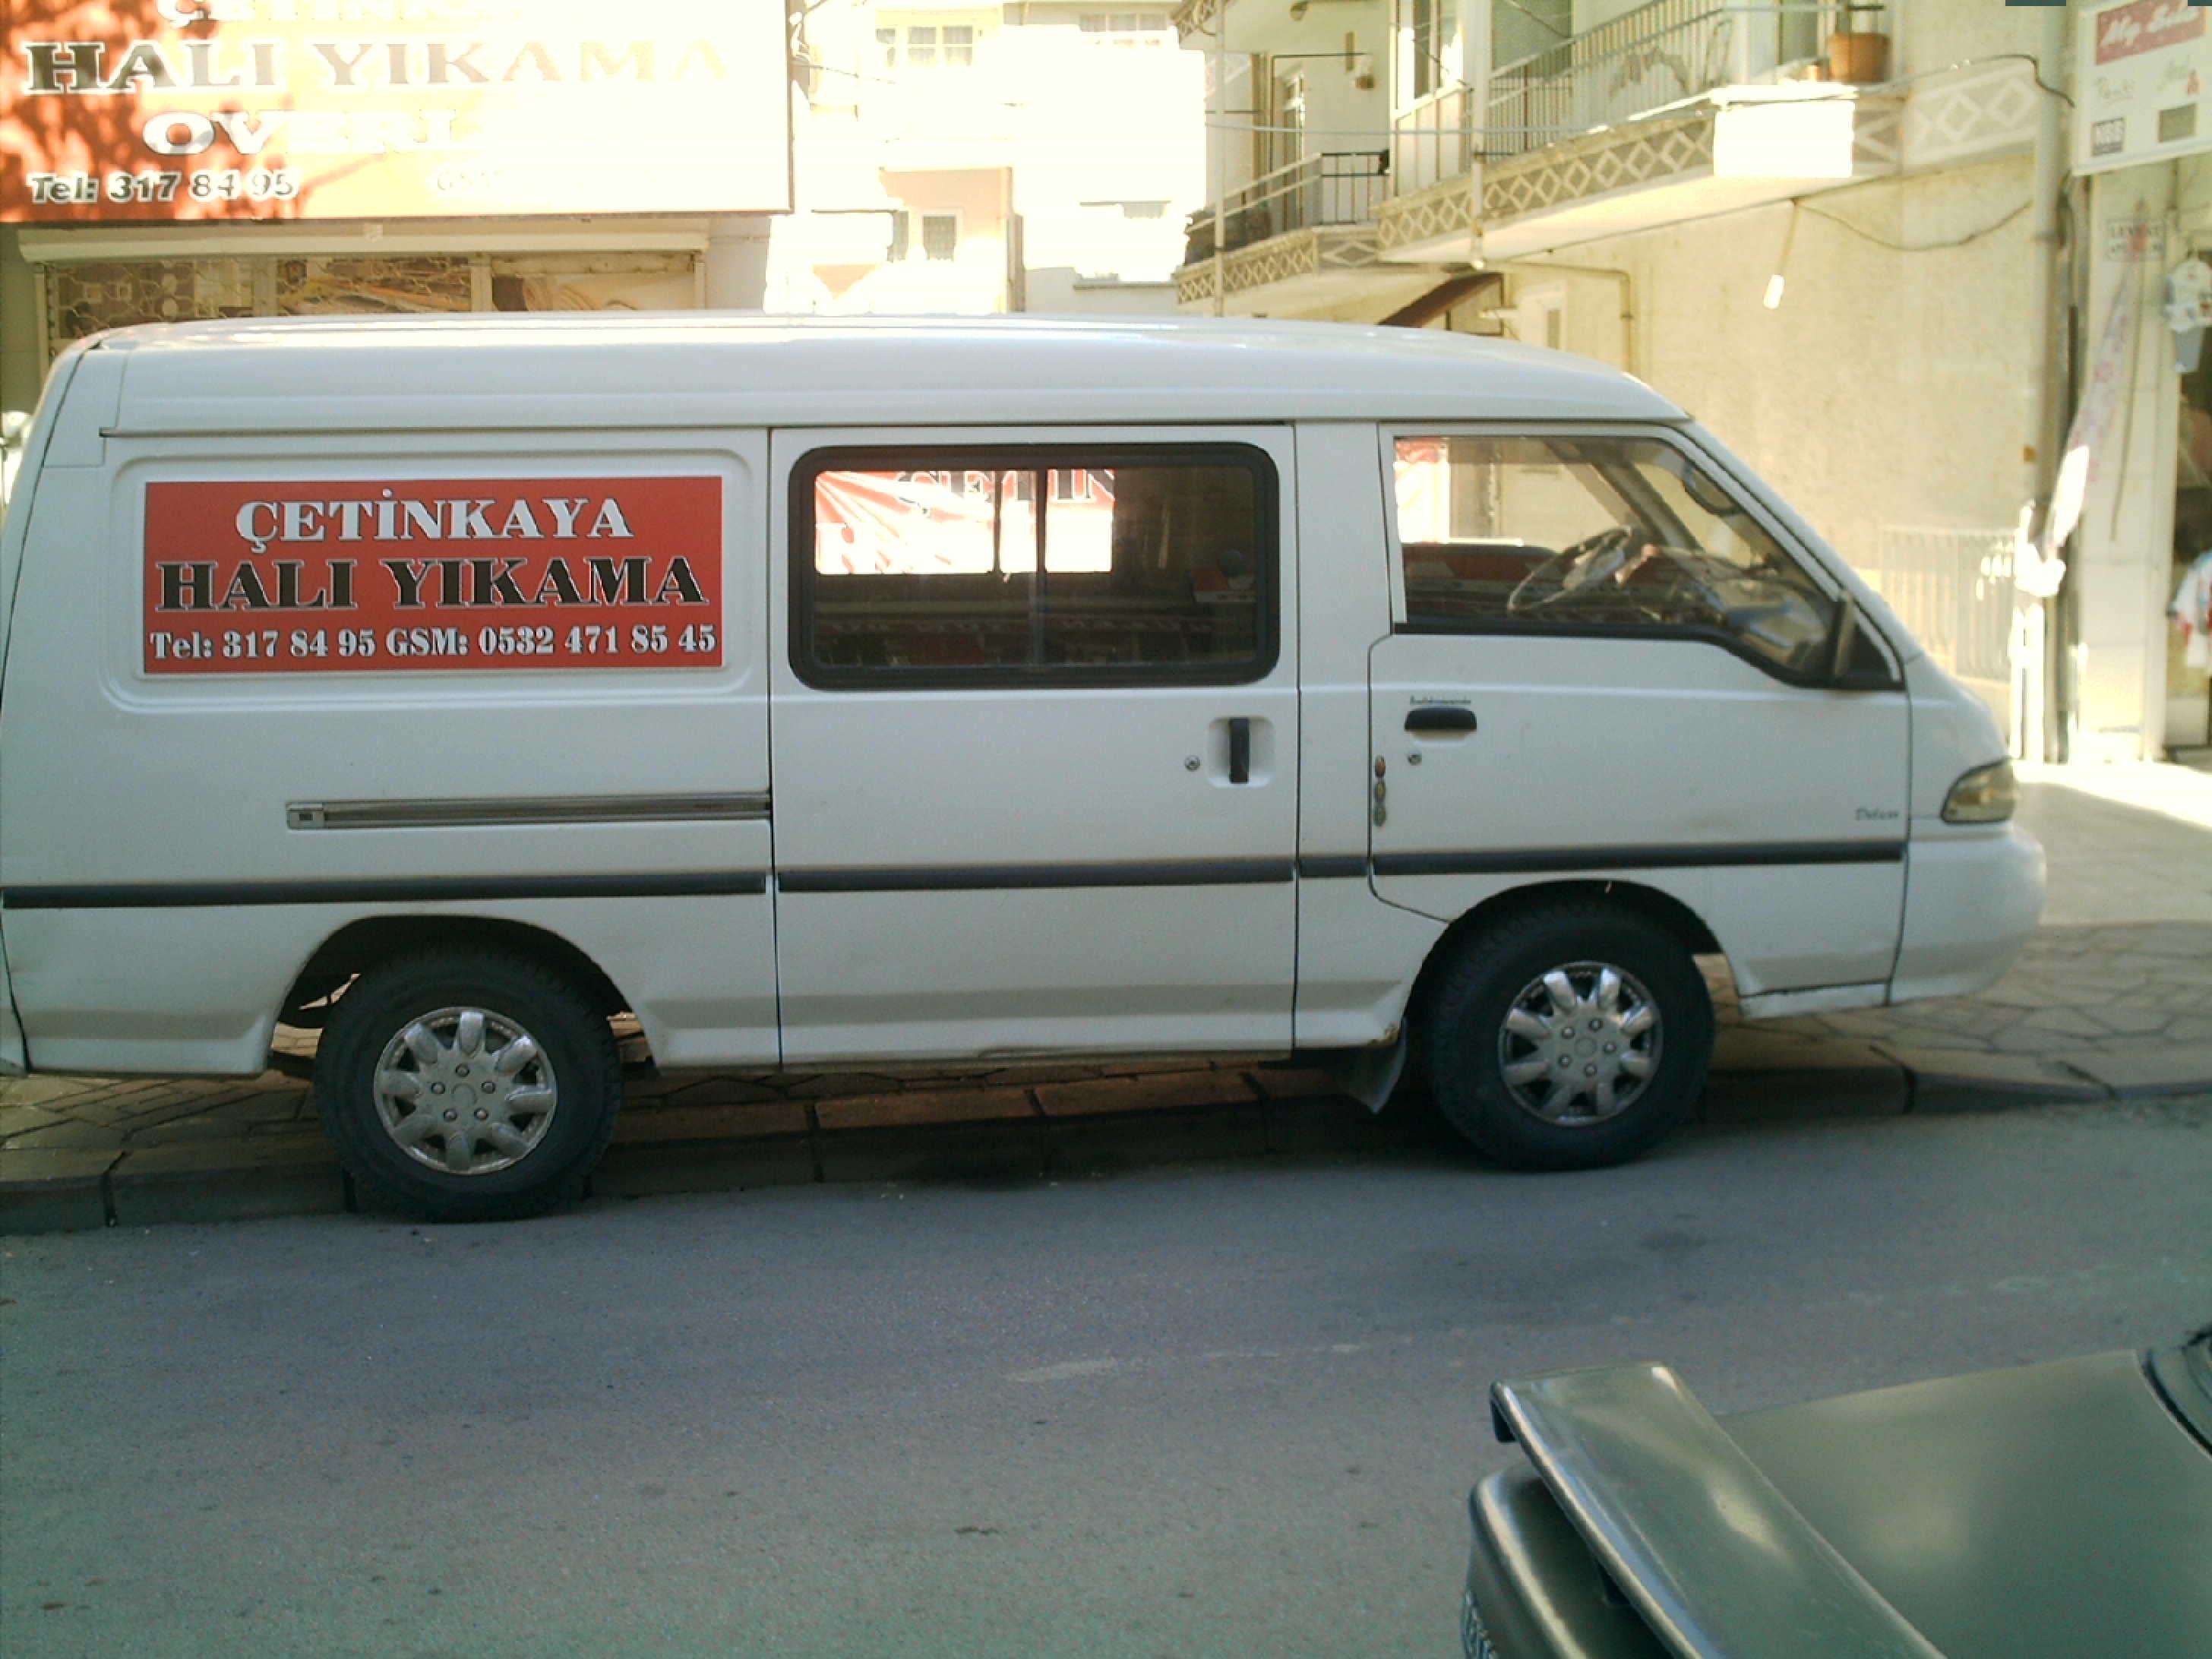 güzelkent_hali_yikama_servis_araci